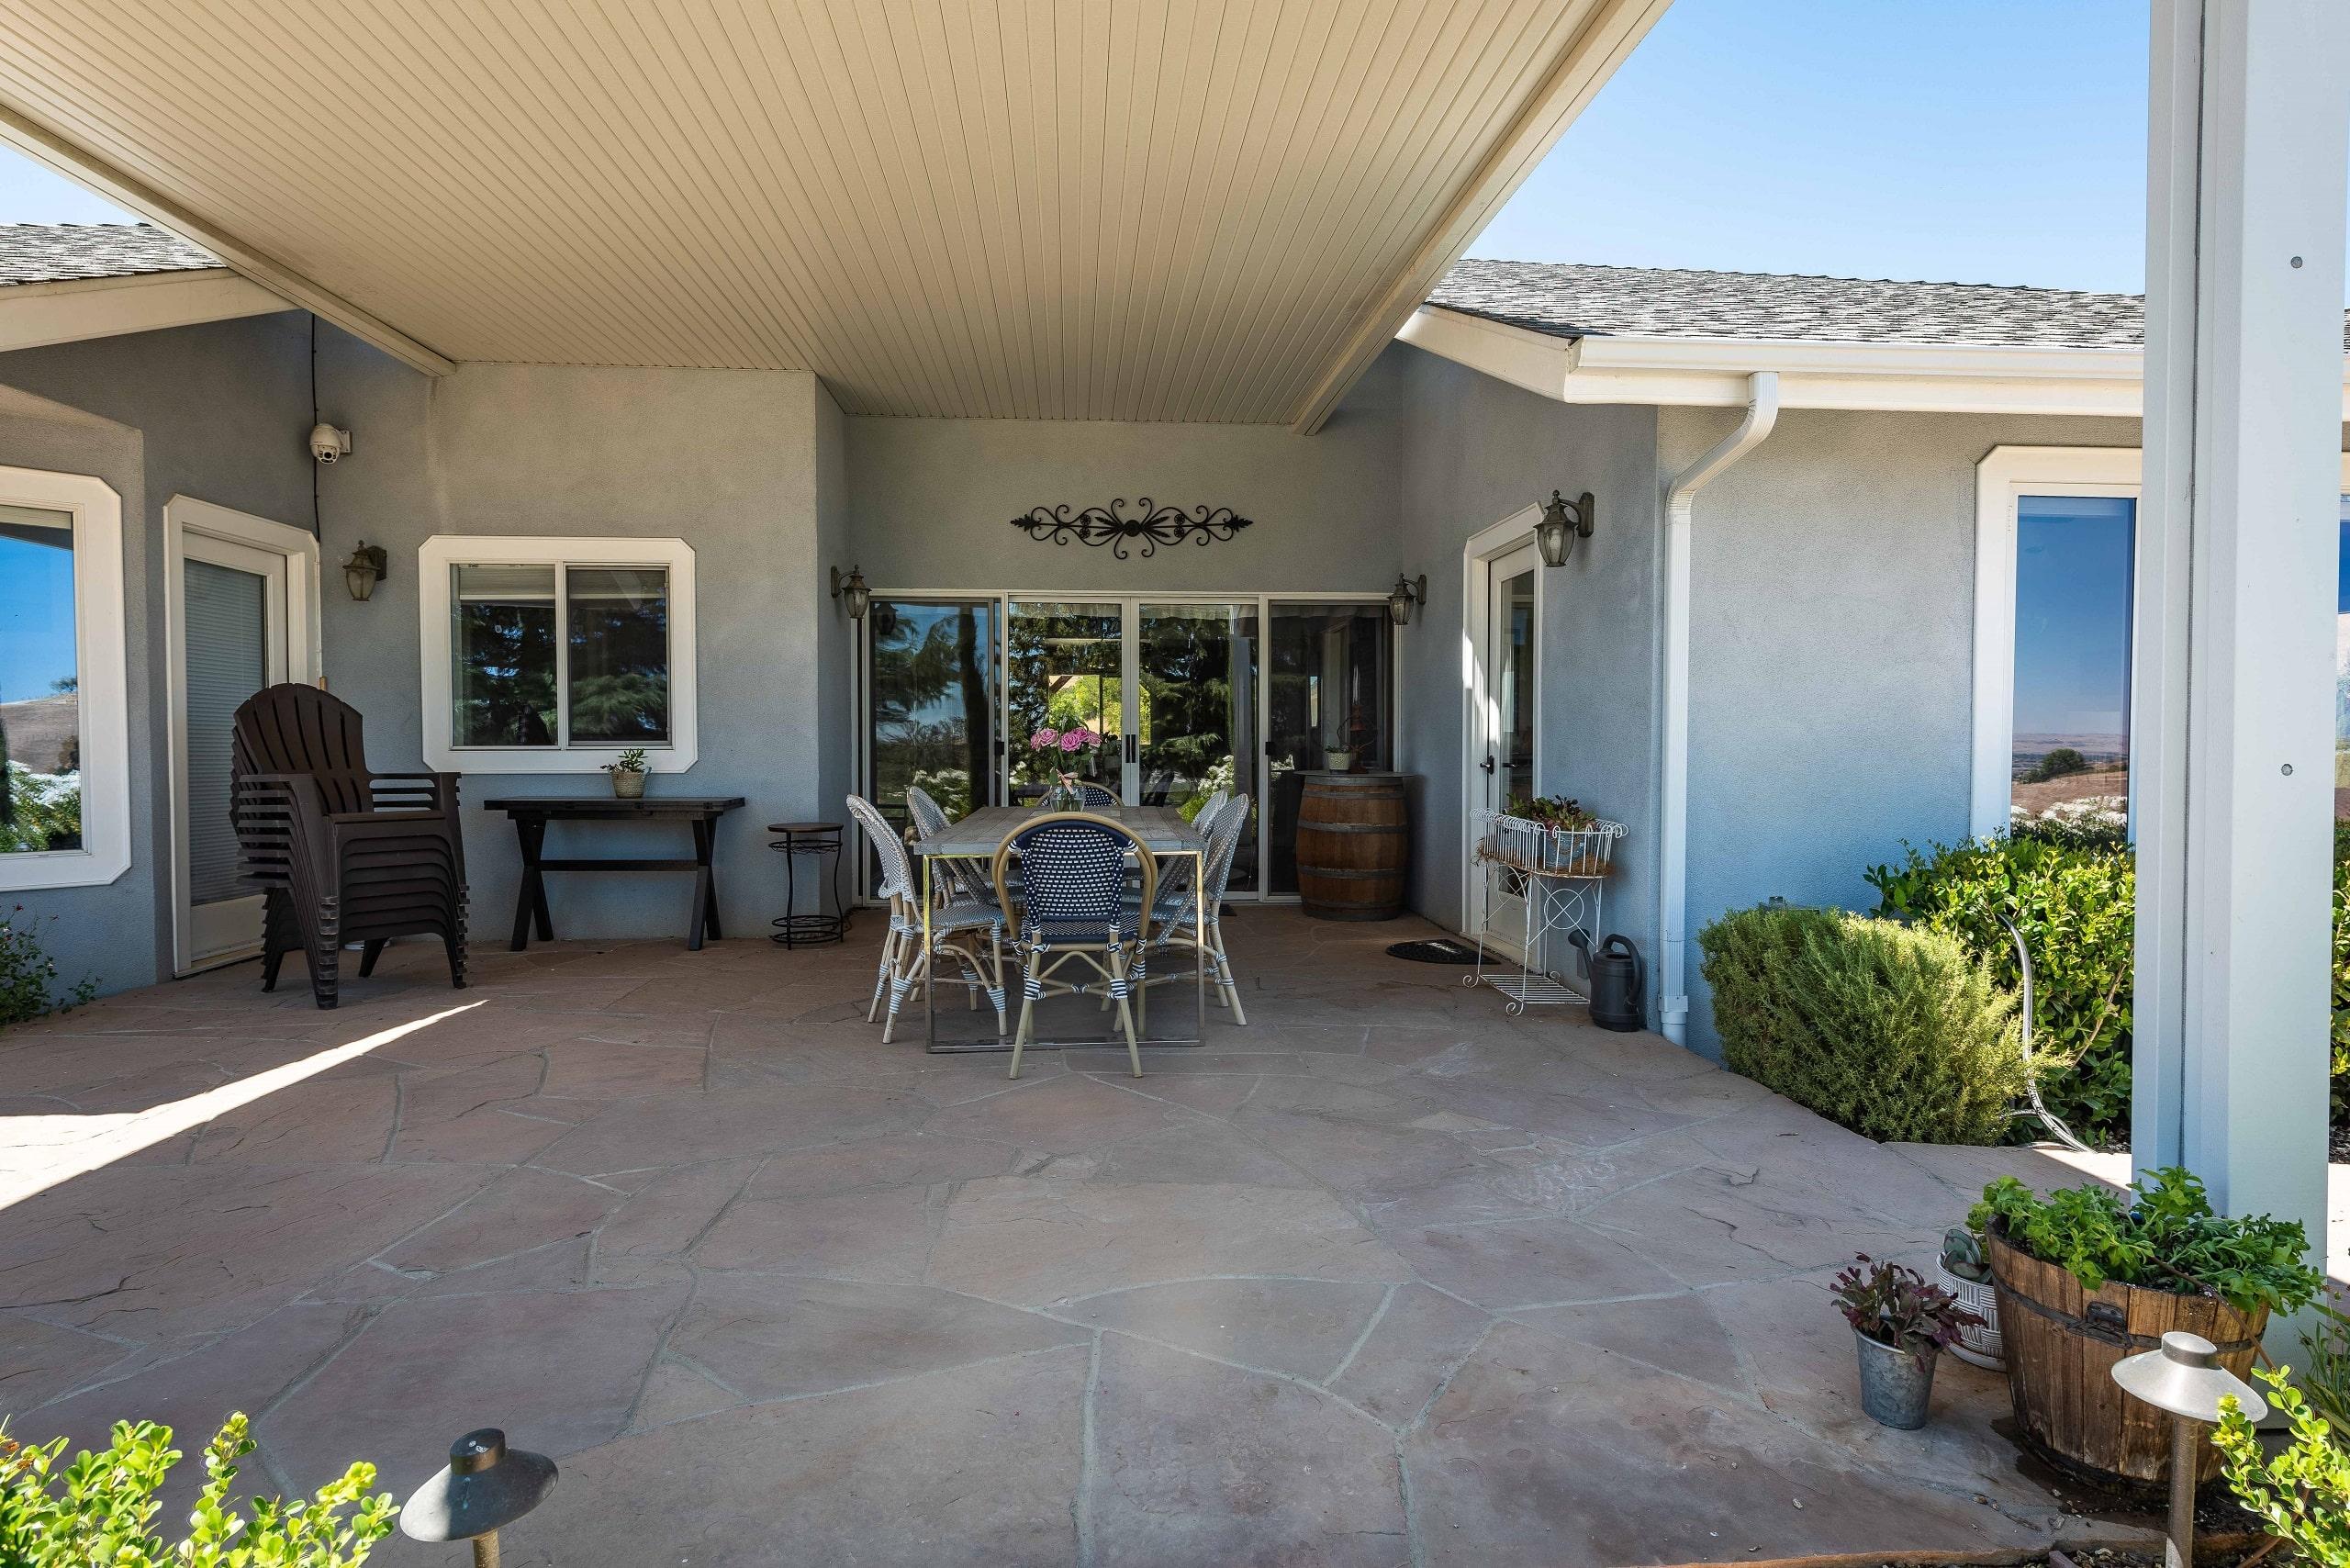 la maison patio